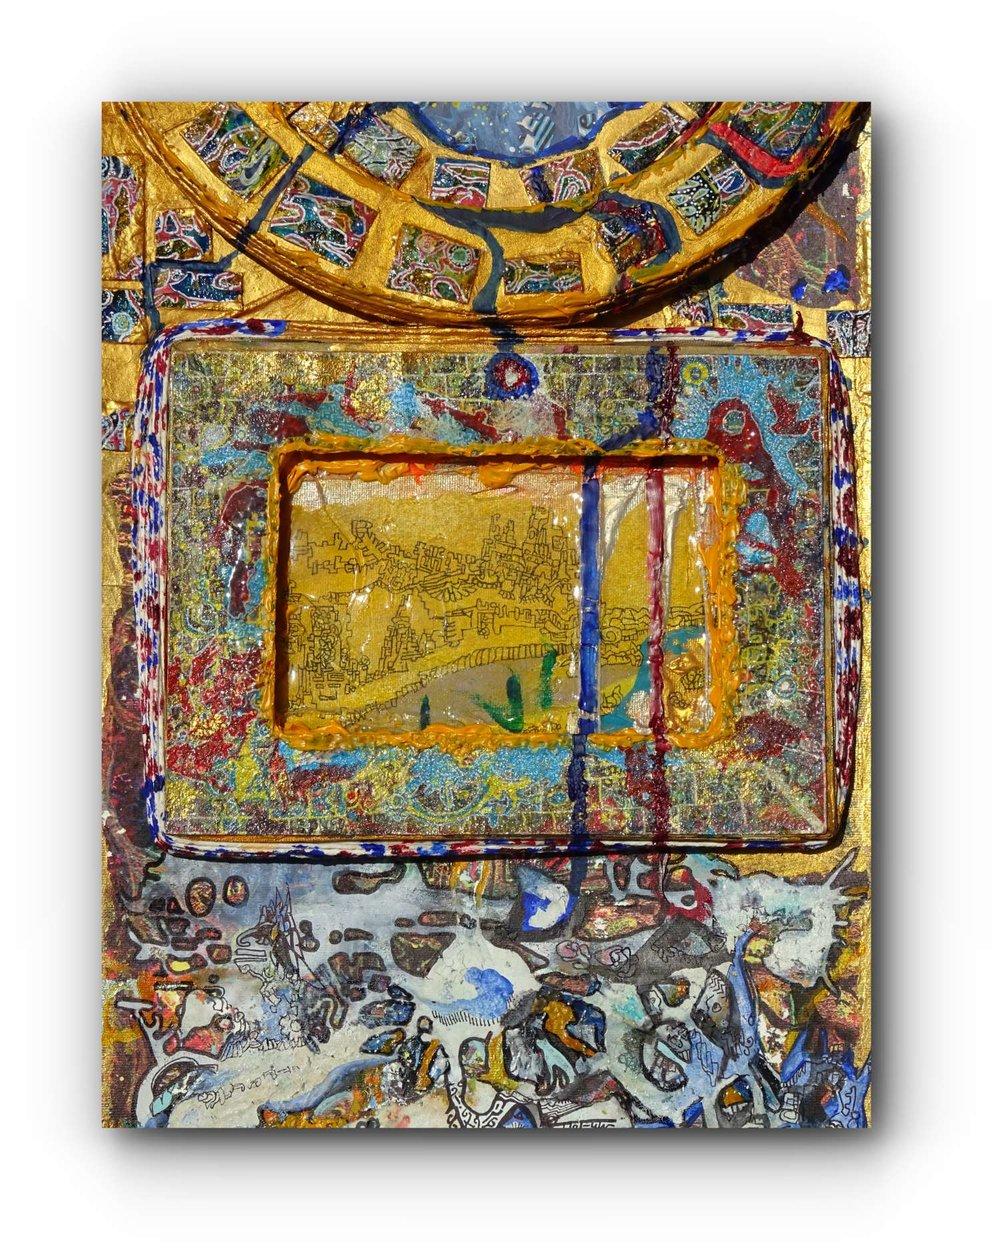 painting-detail-12-receiver-artist-duo-ingress-vortices.jpg